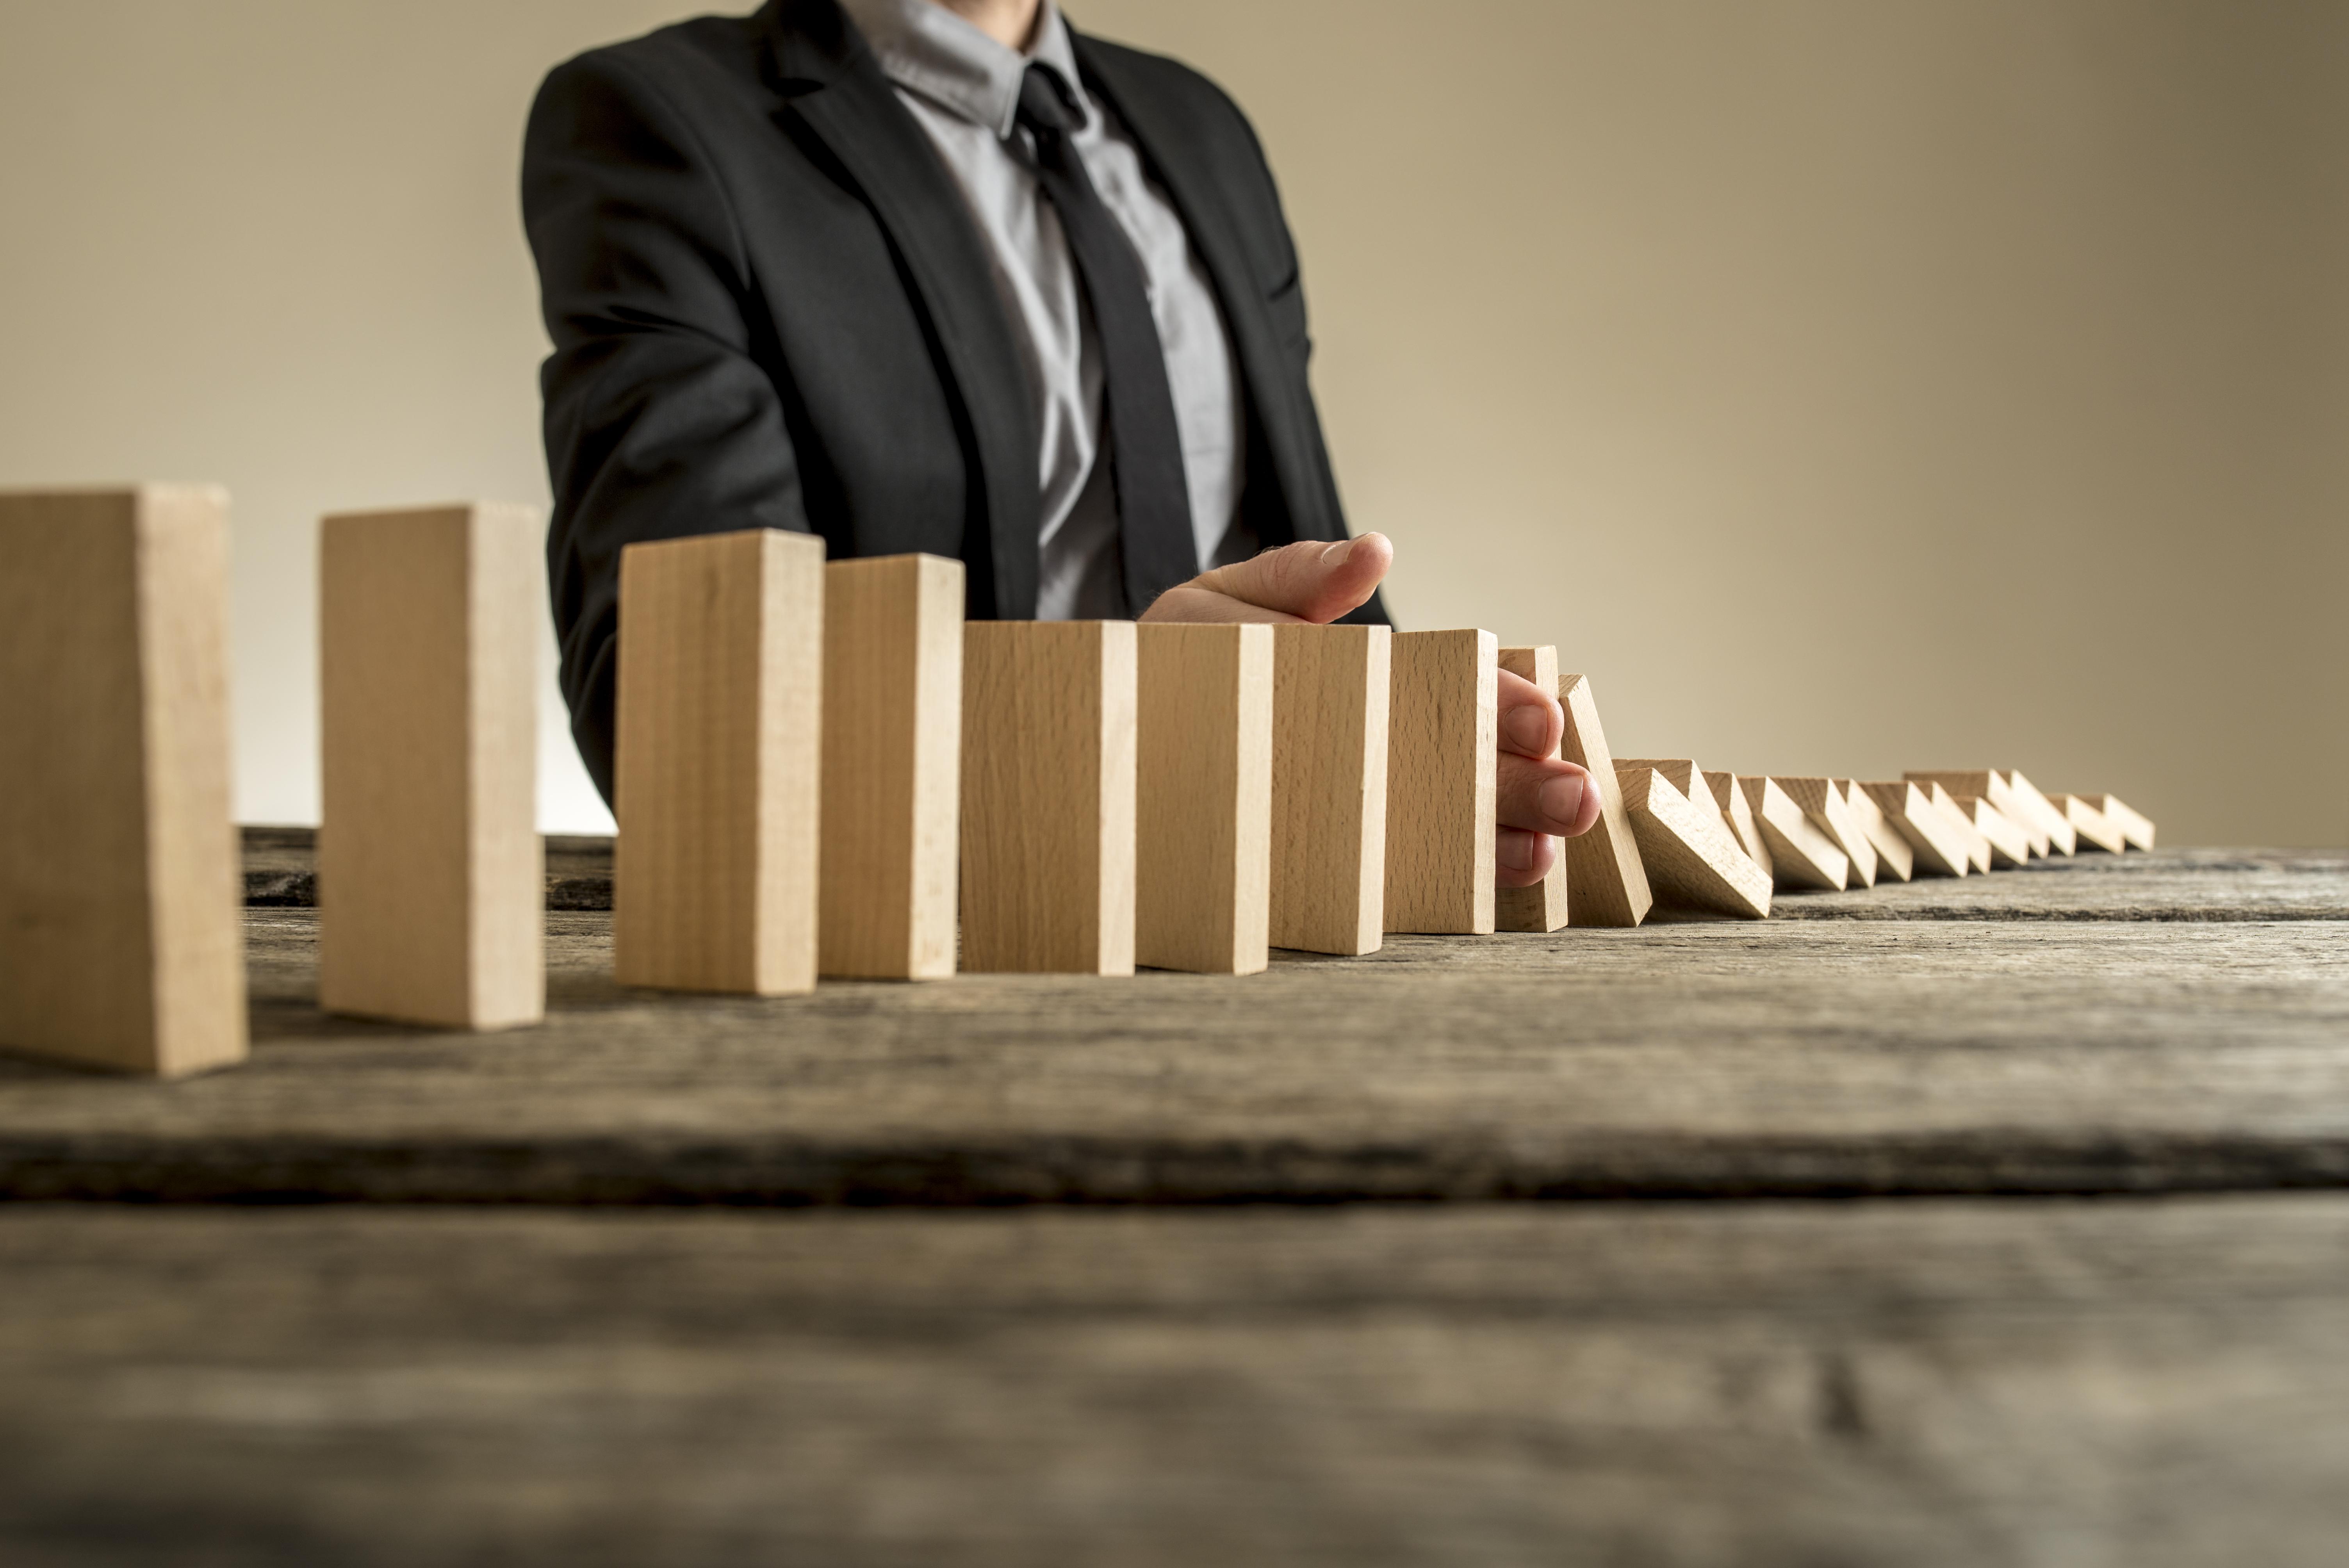 ¿Cómo lidiar con el fracaso?